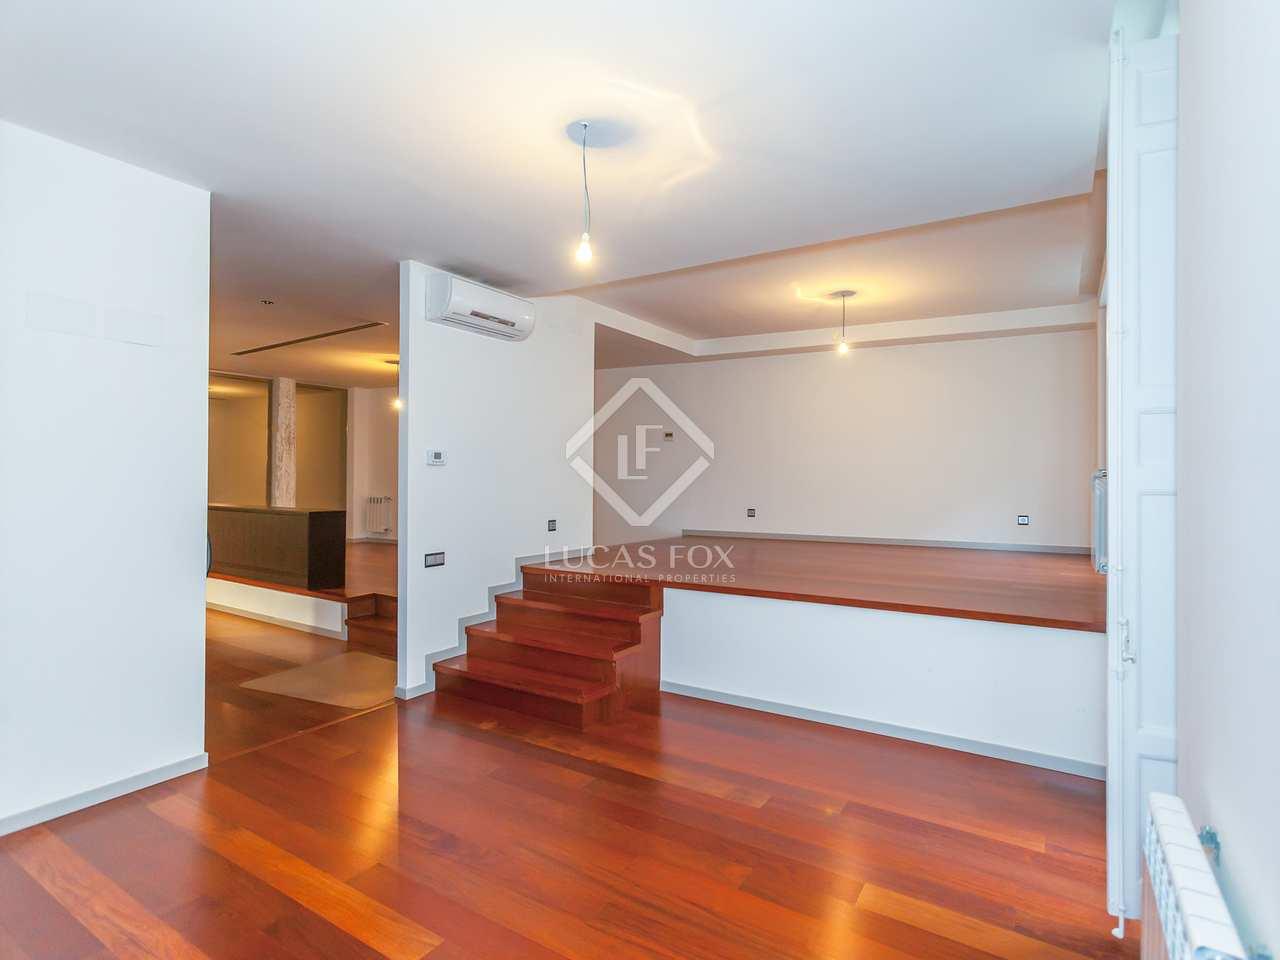 Piso de 202 m en alquiler en recoletos madrid - Alquiler piso humanes de madrid ...